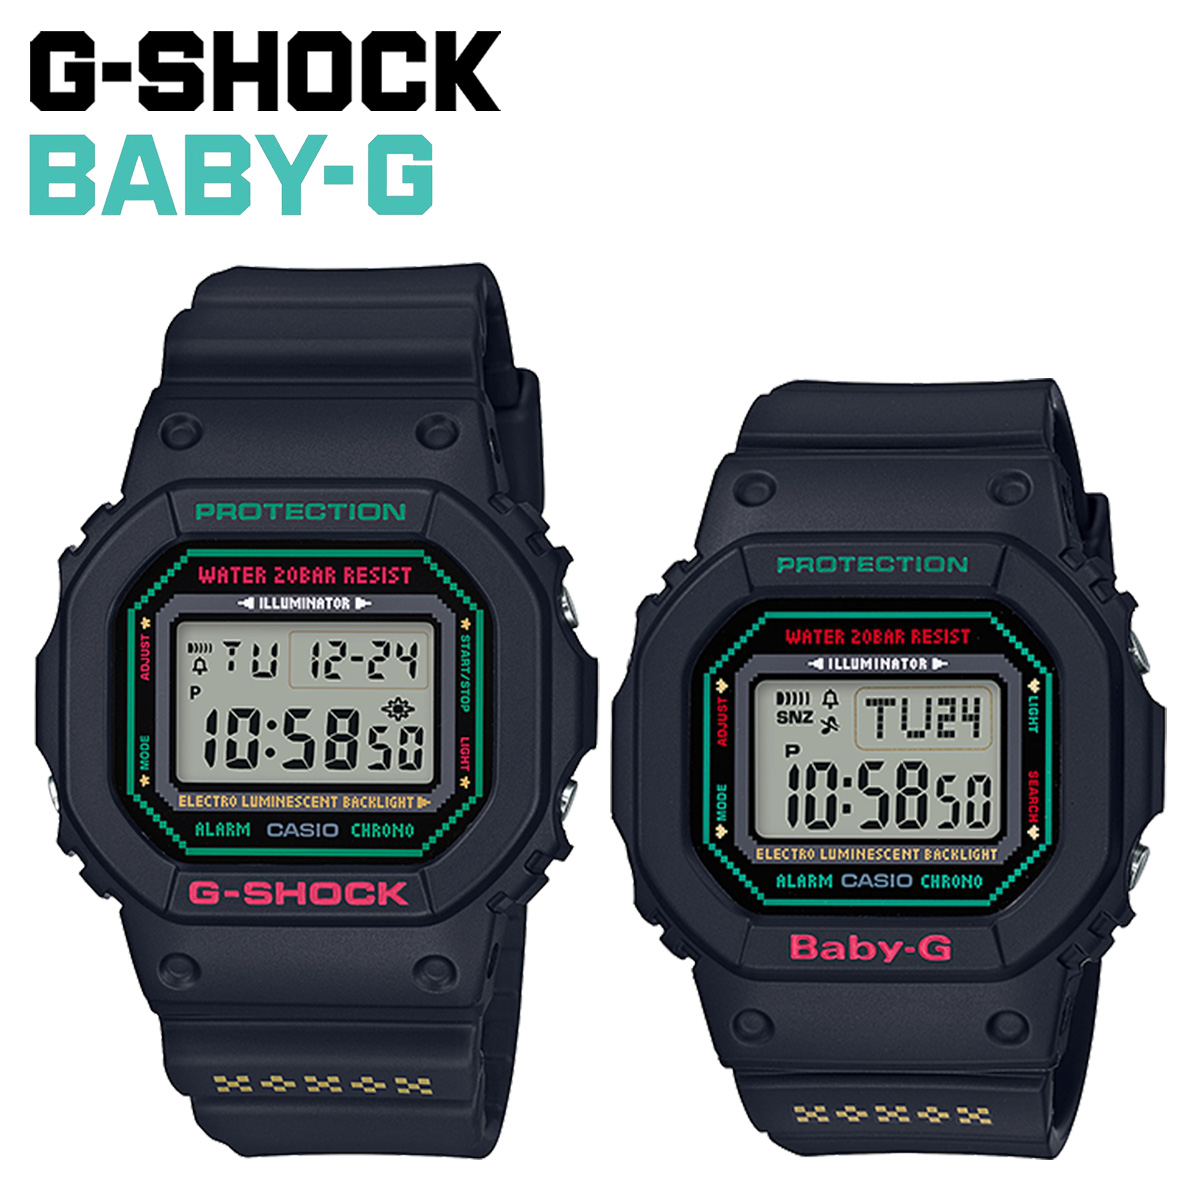 【最大2000円OFFクーポン】 カシオ CASIO G-SHOCK BABY-G 腕時計 LOV-19B-1JR ラバーズコレクション ラバコレ ペアウォッチ ジーショック Gショック ベビージー ベビーG メンズ レディース ブラック 黒